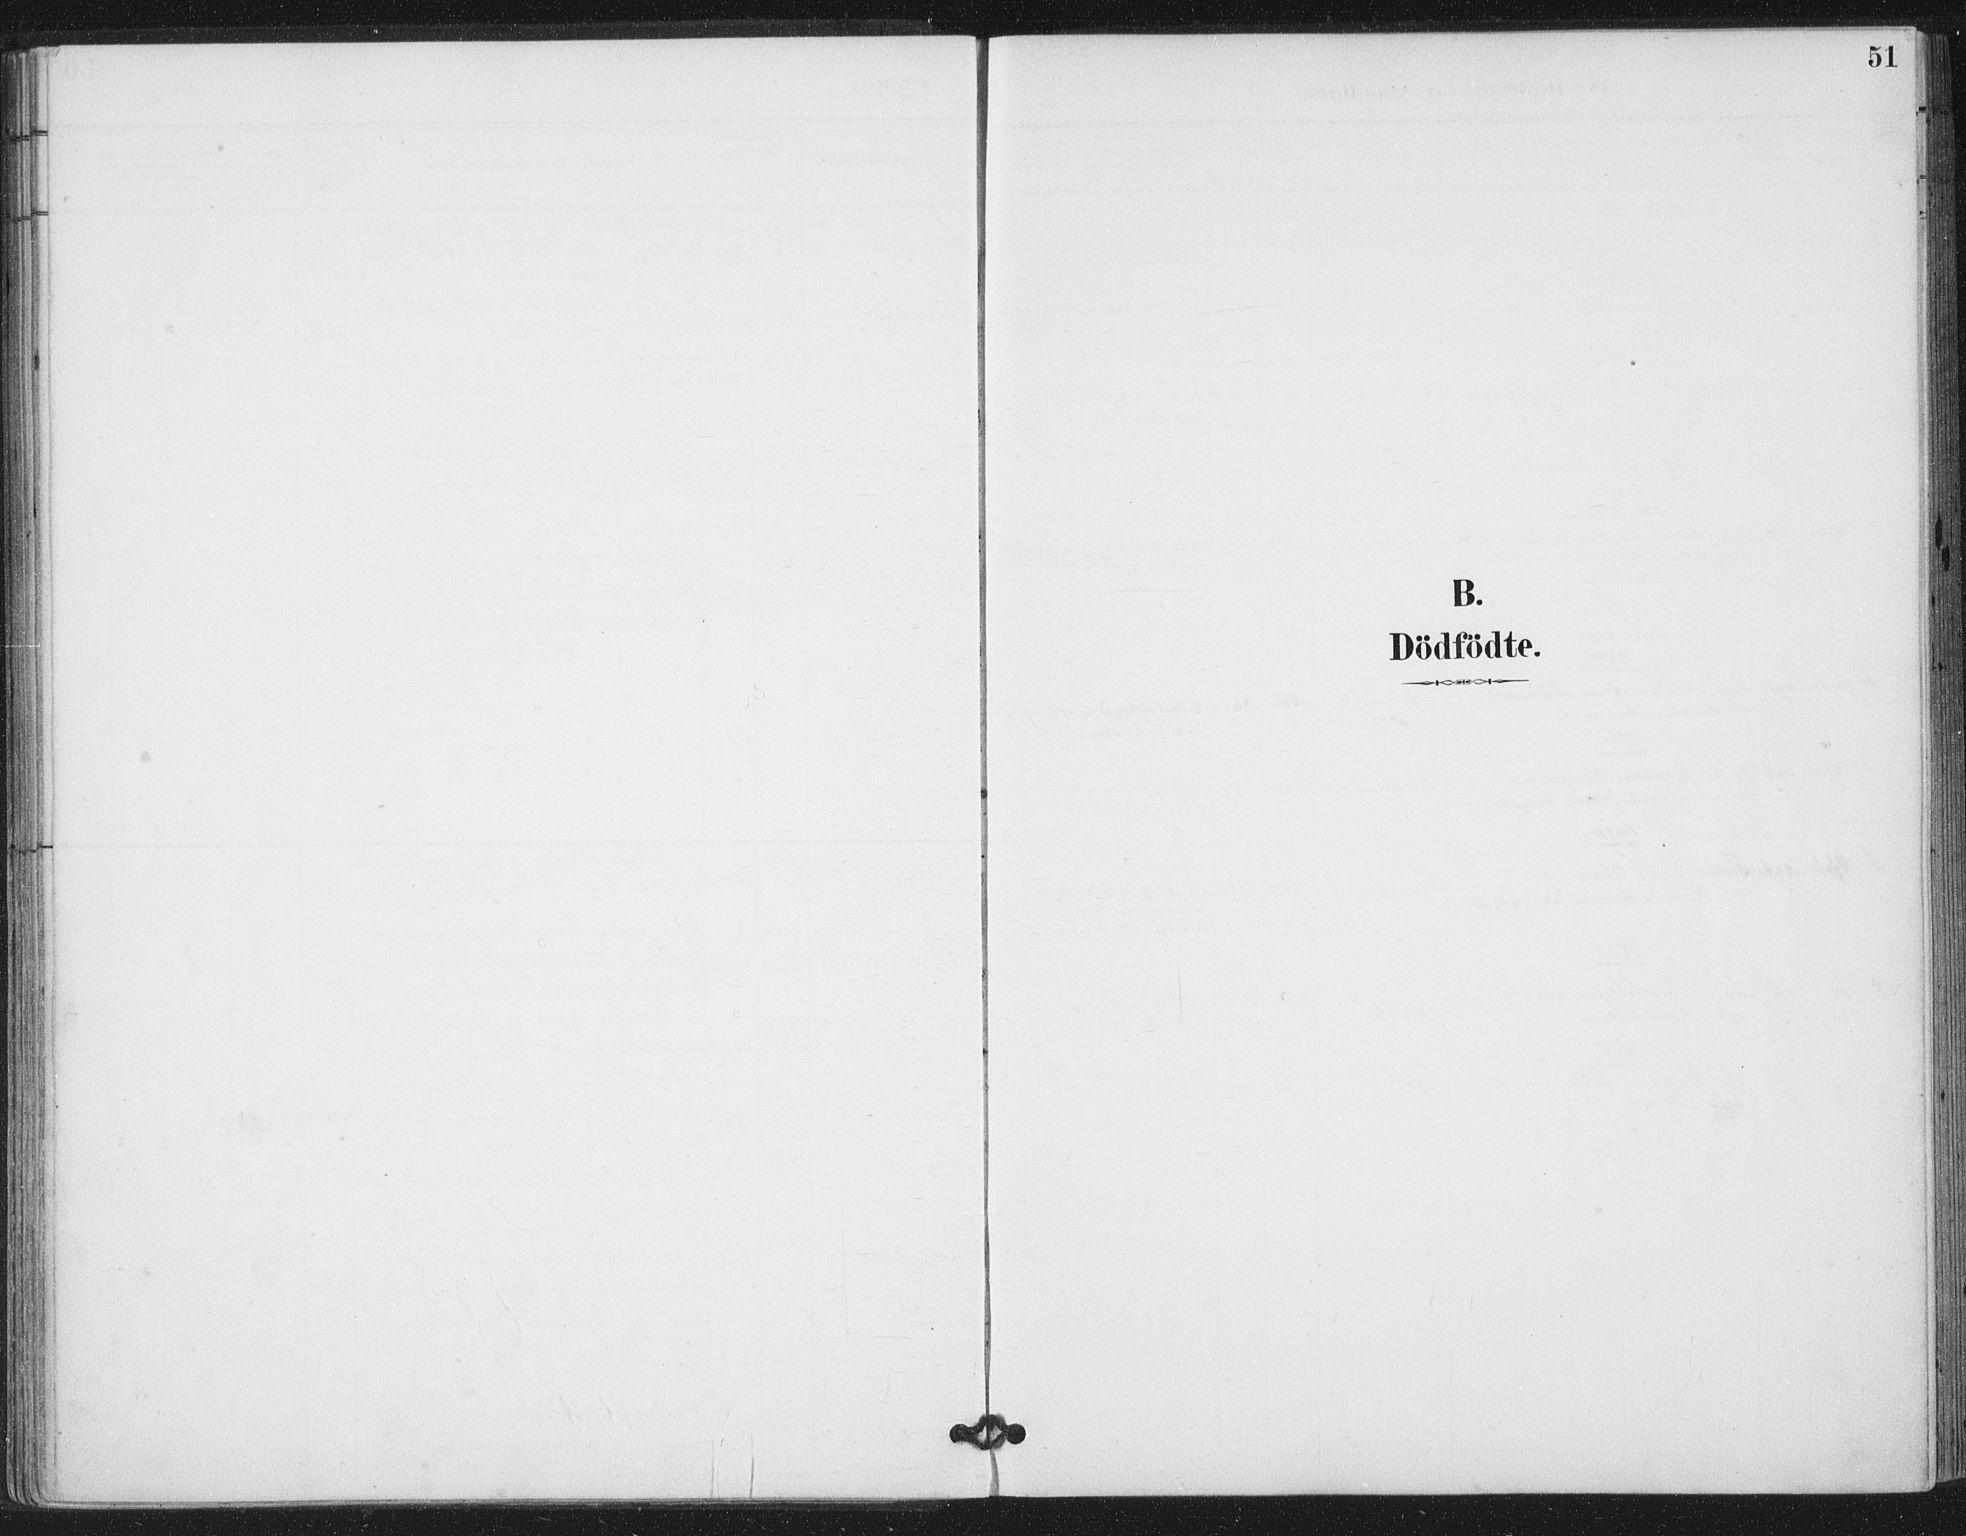 SAT, Ministerialprotokoller, klokkerbøker og fødselsregistre - Nord-Trøndelag, 783/L0660: Ministerialbok nr. 783A02, 1886-1918, s. 51